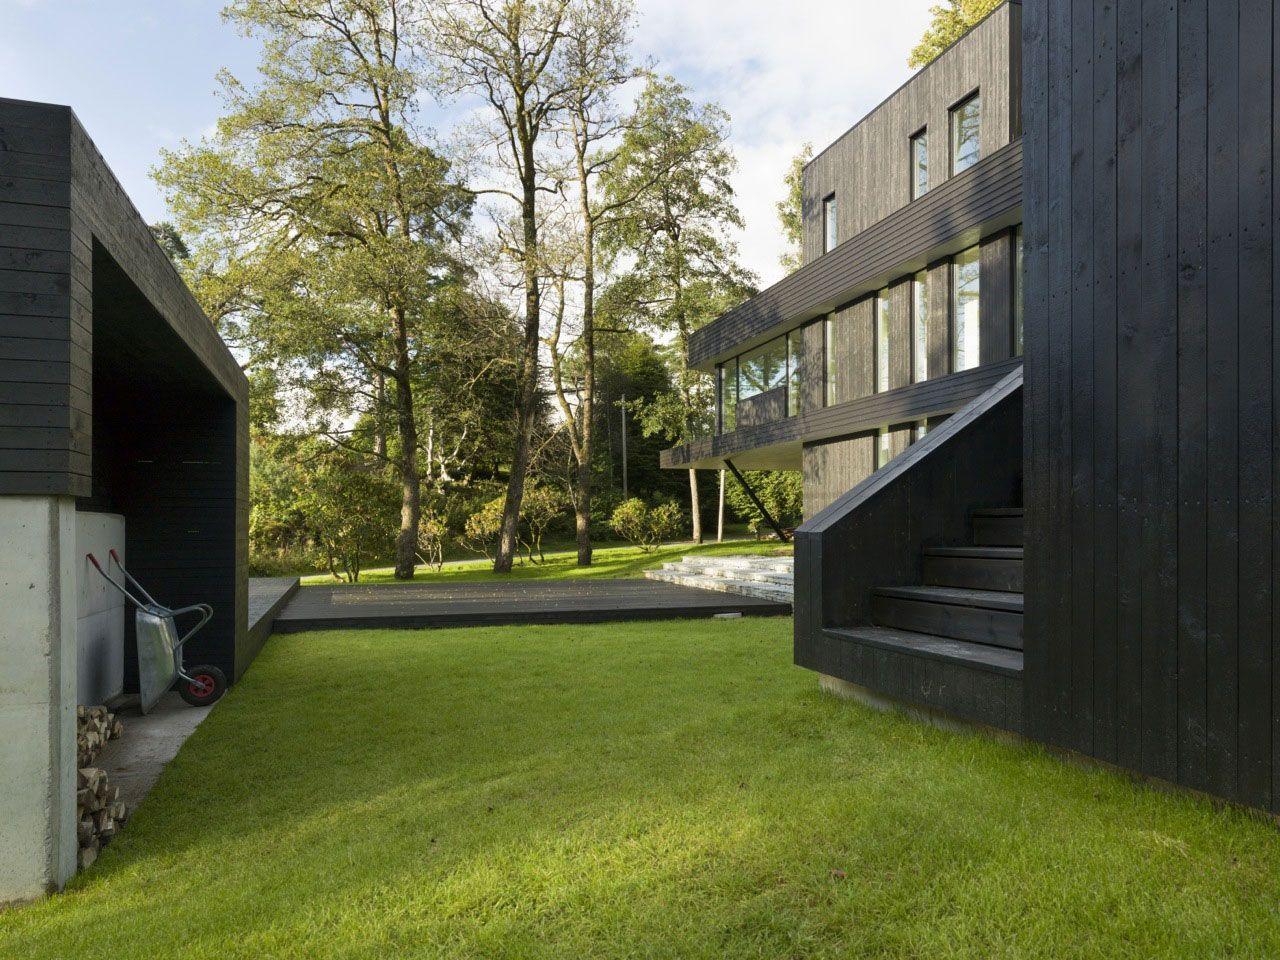 Villa-S-Saunders-Architecture-04